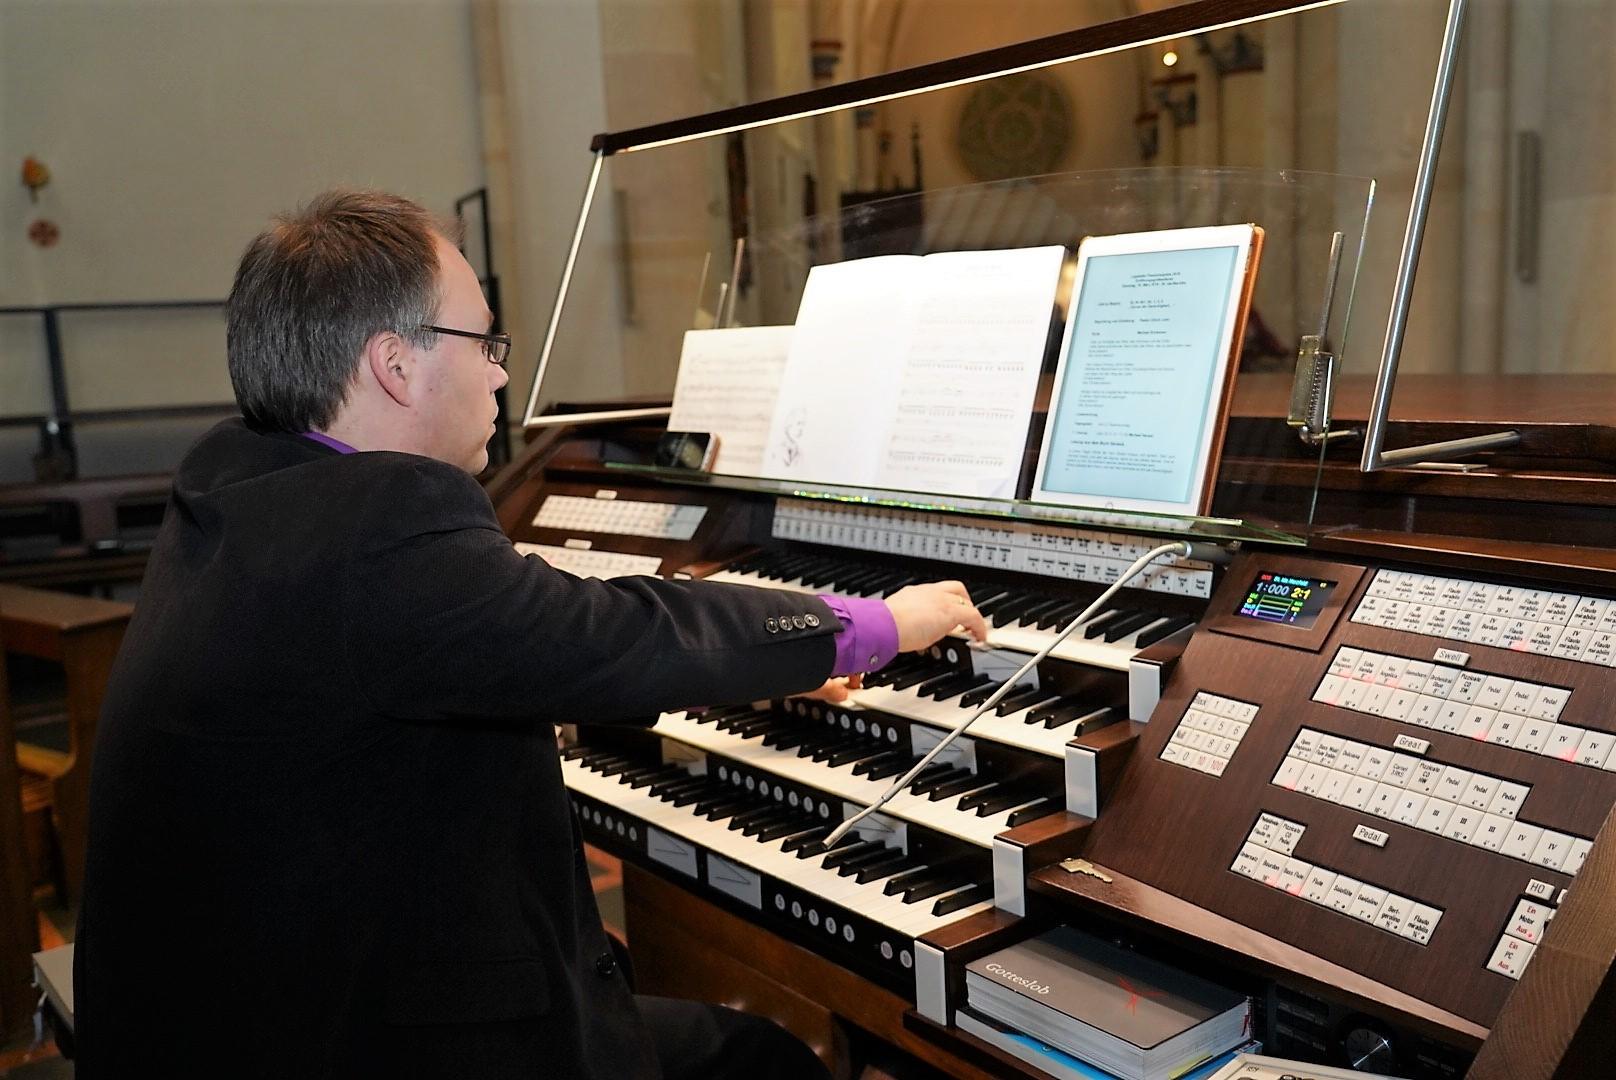 Basilikaorganist Jörg Bücker